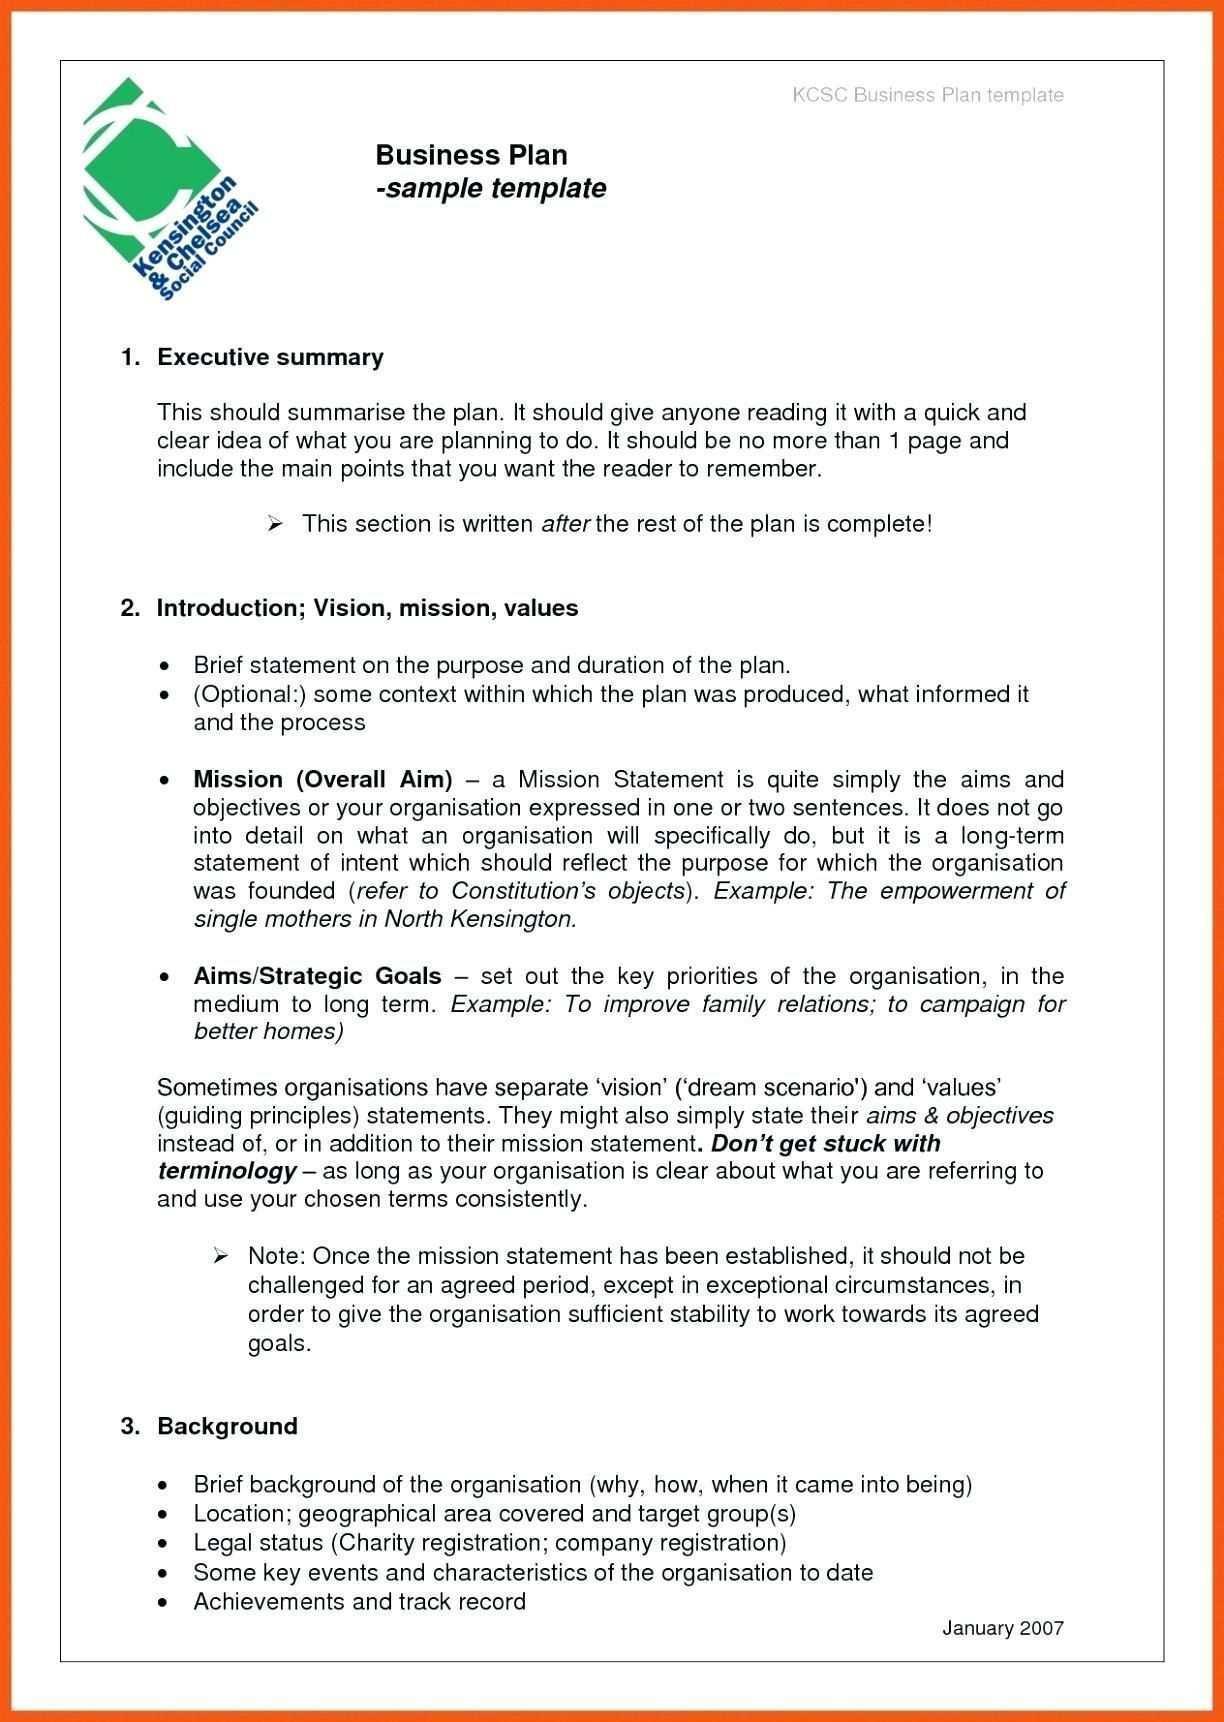 Der Bezaubernde Businessplan Projektbeispiel Management Einfuhrung In Ei In 2020 Event Planning Proposal Event Planning Checklist Templates Business Plan Template Free